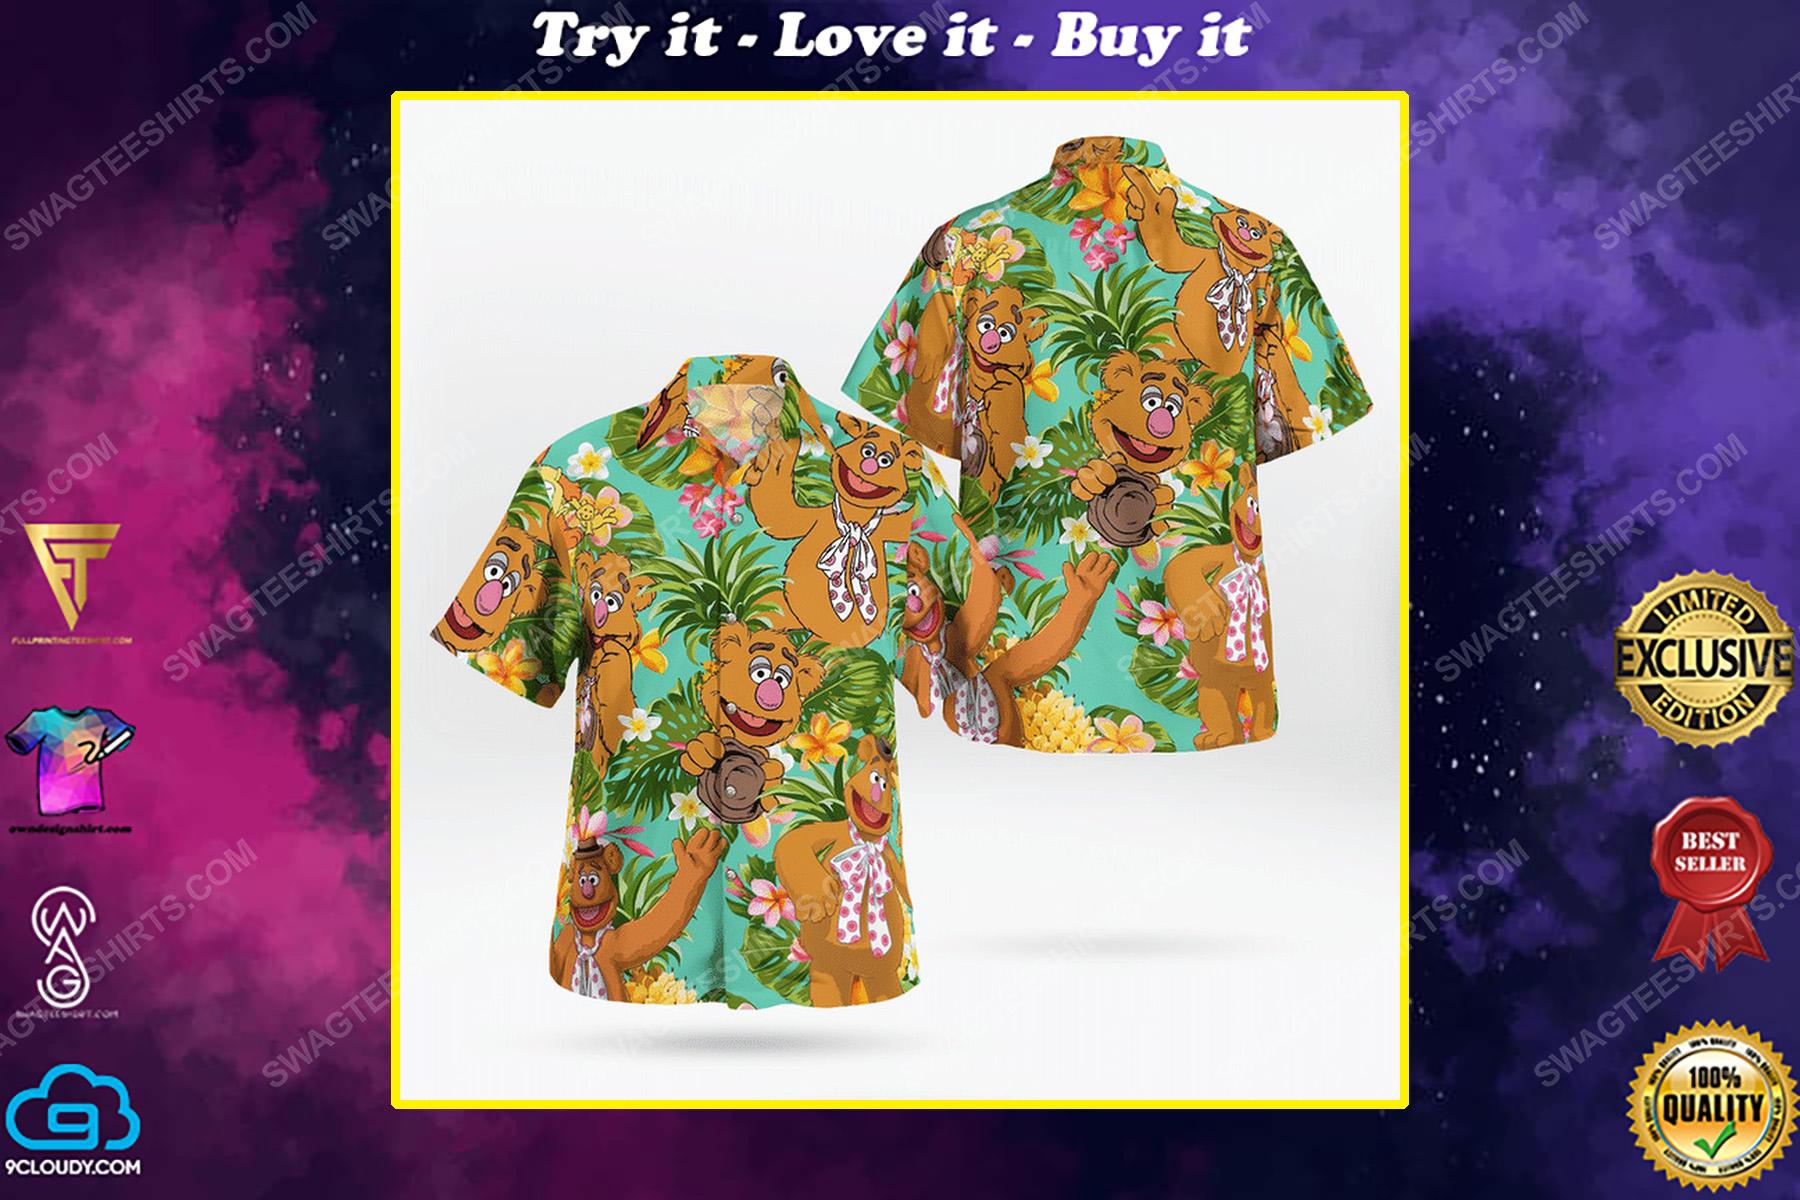 The muppet show fozzie bear tropical hawaiian shirt